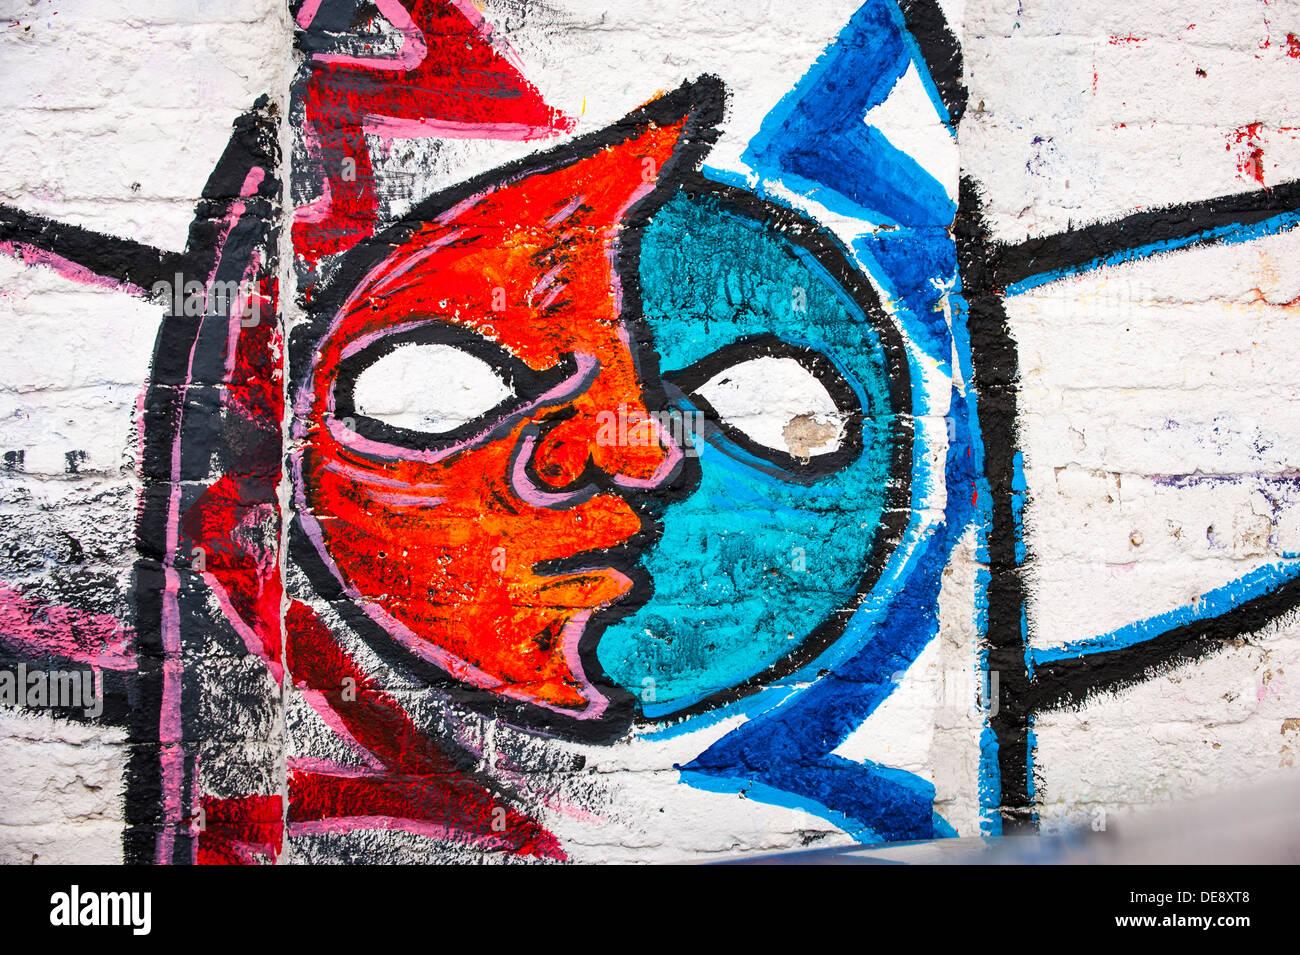 East End di Londra Isola di pesce Hackney Wick graffiti graffitti grafitti grafiti street art lettere colorato colorato dettaglio facce rosso bianco blu Immagini Stock